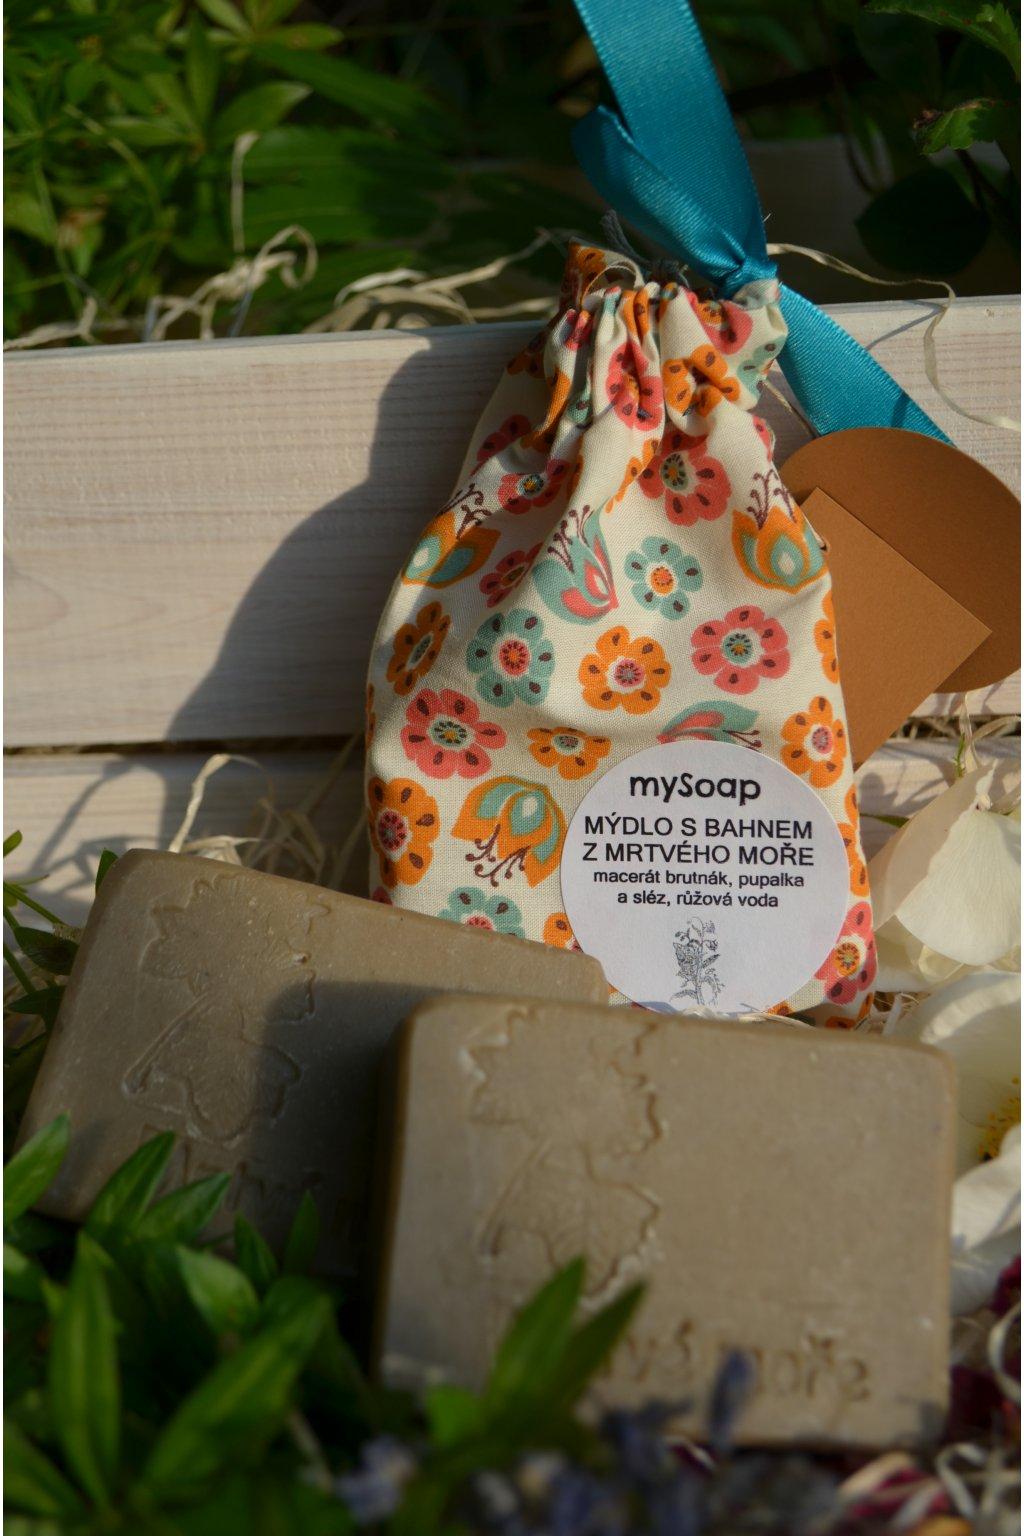 Mýdlo s bahnem z Mrtvého moře látkový pytlíček